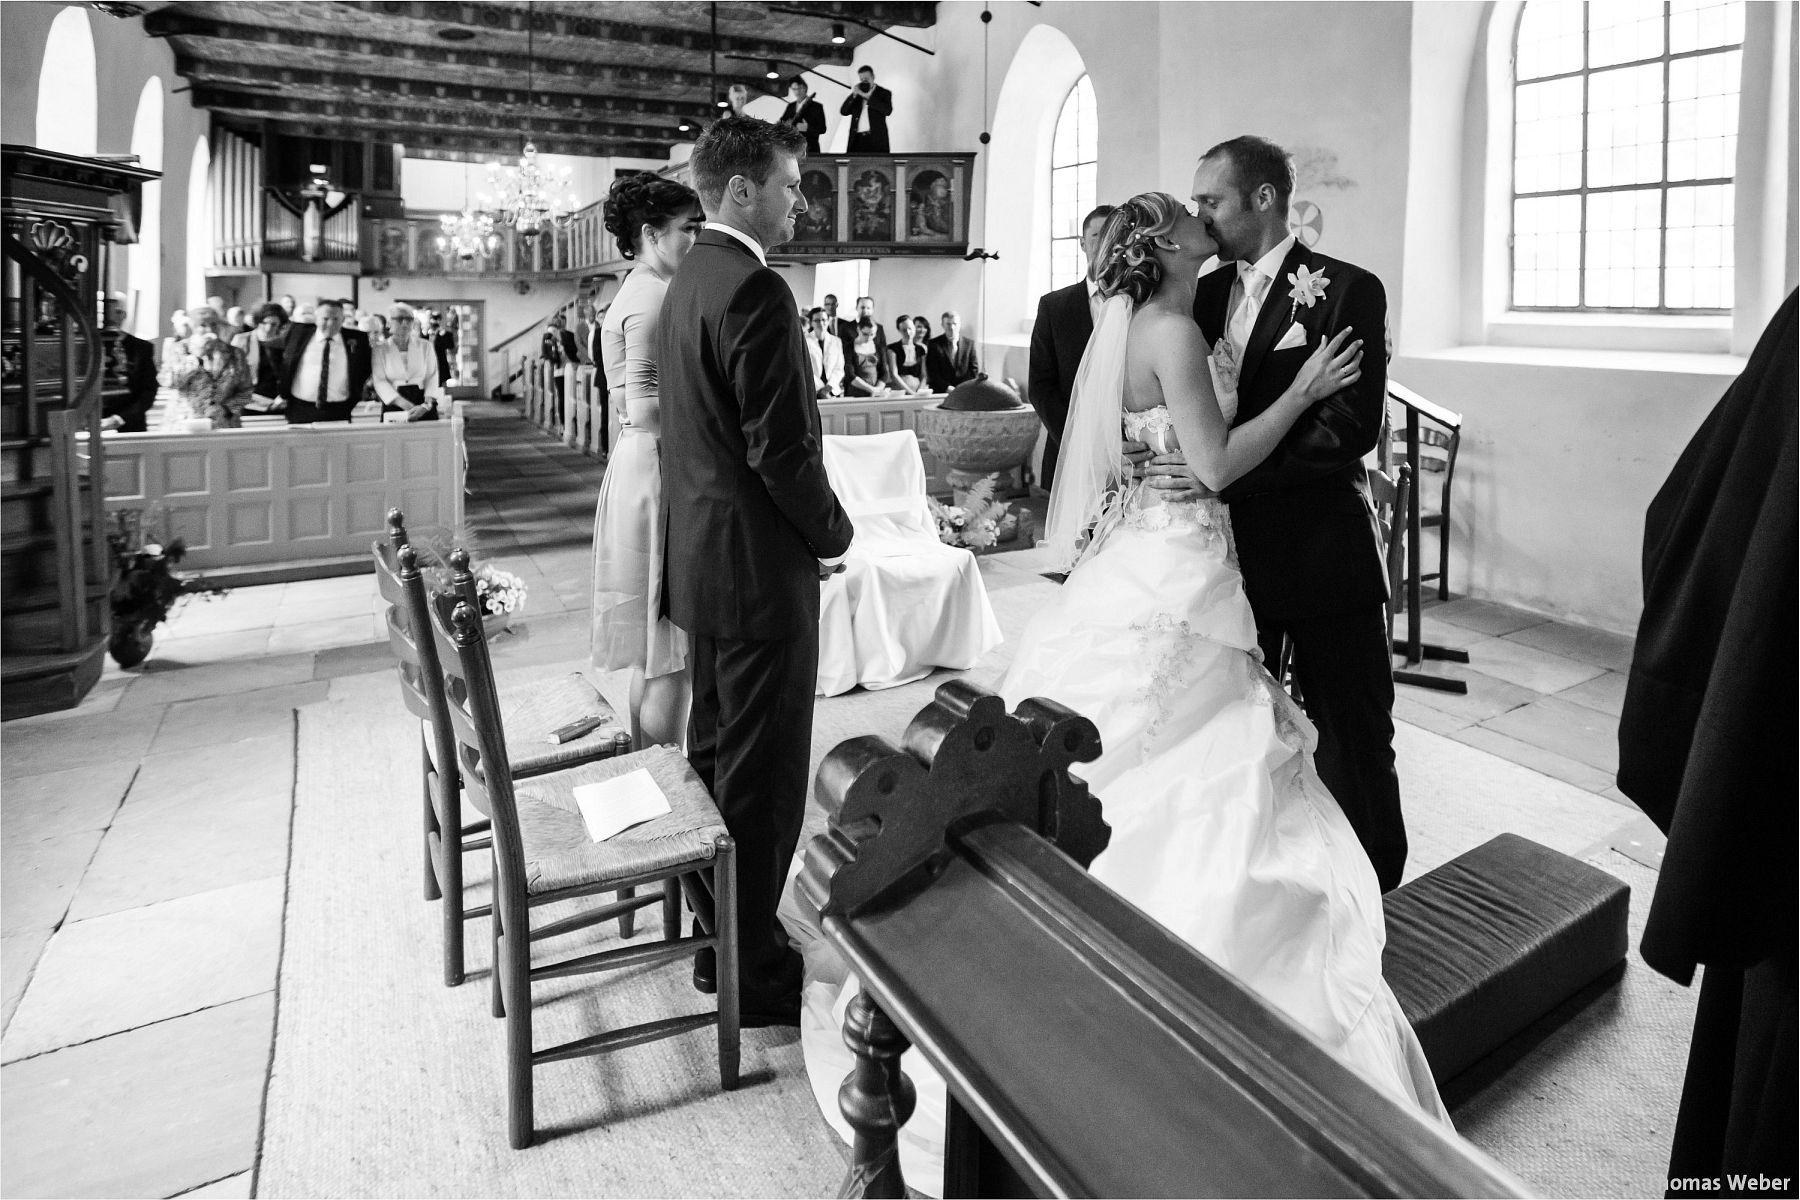 Hochzeitsfotograf Papenburg: Standesamtliche Trauung auf der Burg Kniphausen und Feier im Le Patron am Meer (46)